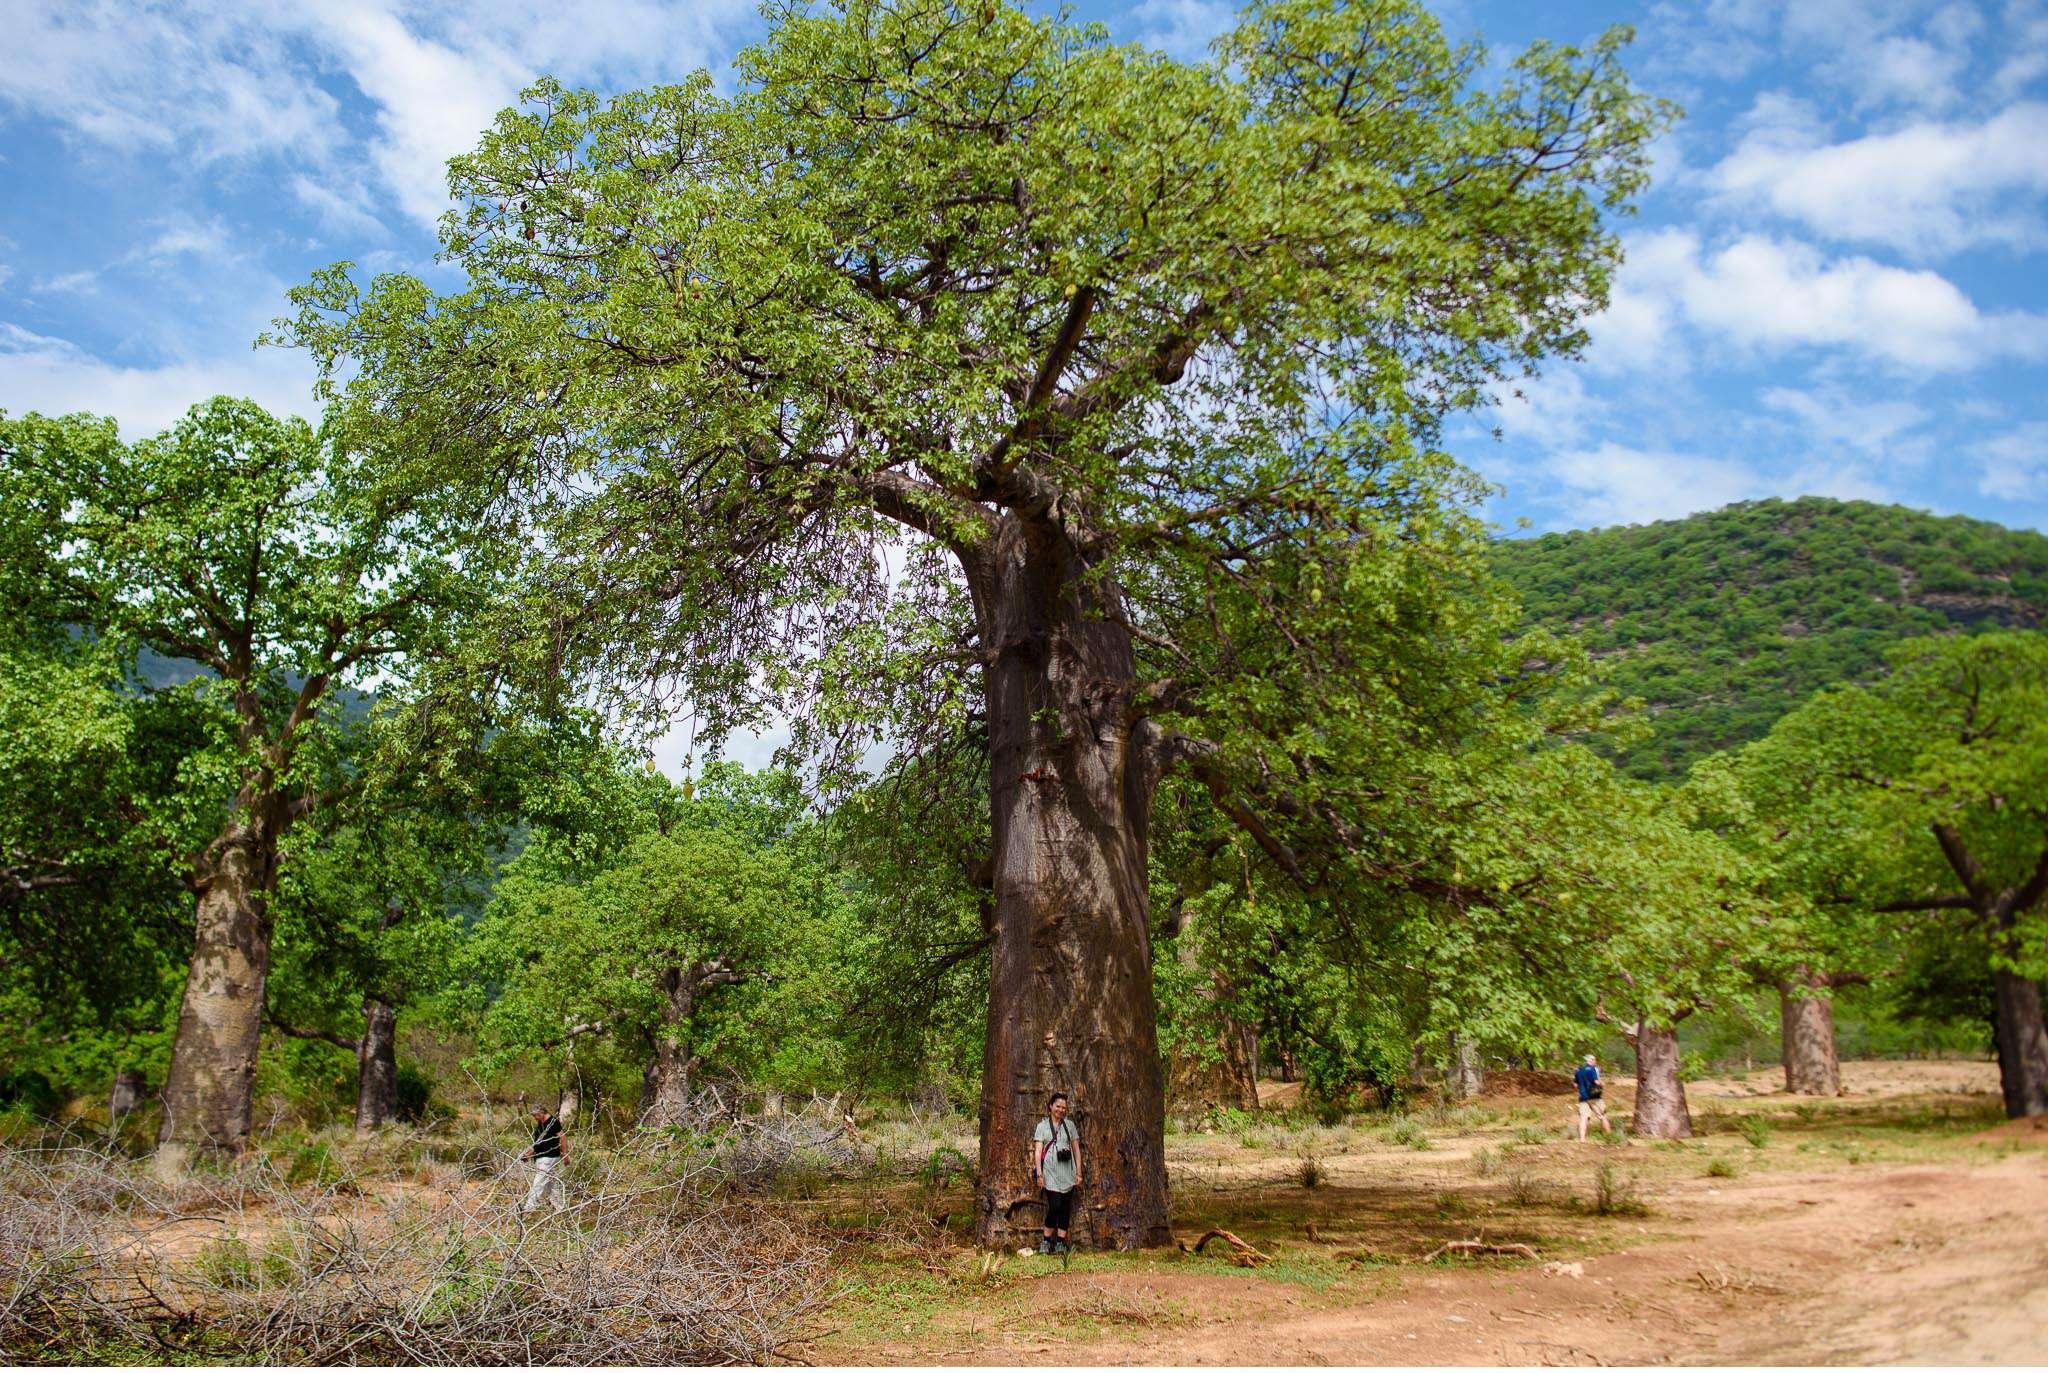 Malawi-Quer durch Afrika- Geschichten von unterwegs by Marion and Daniel-120